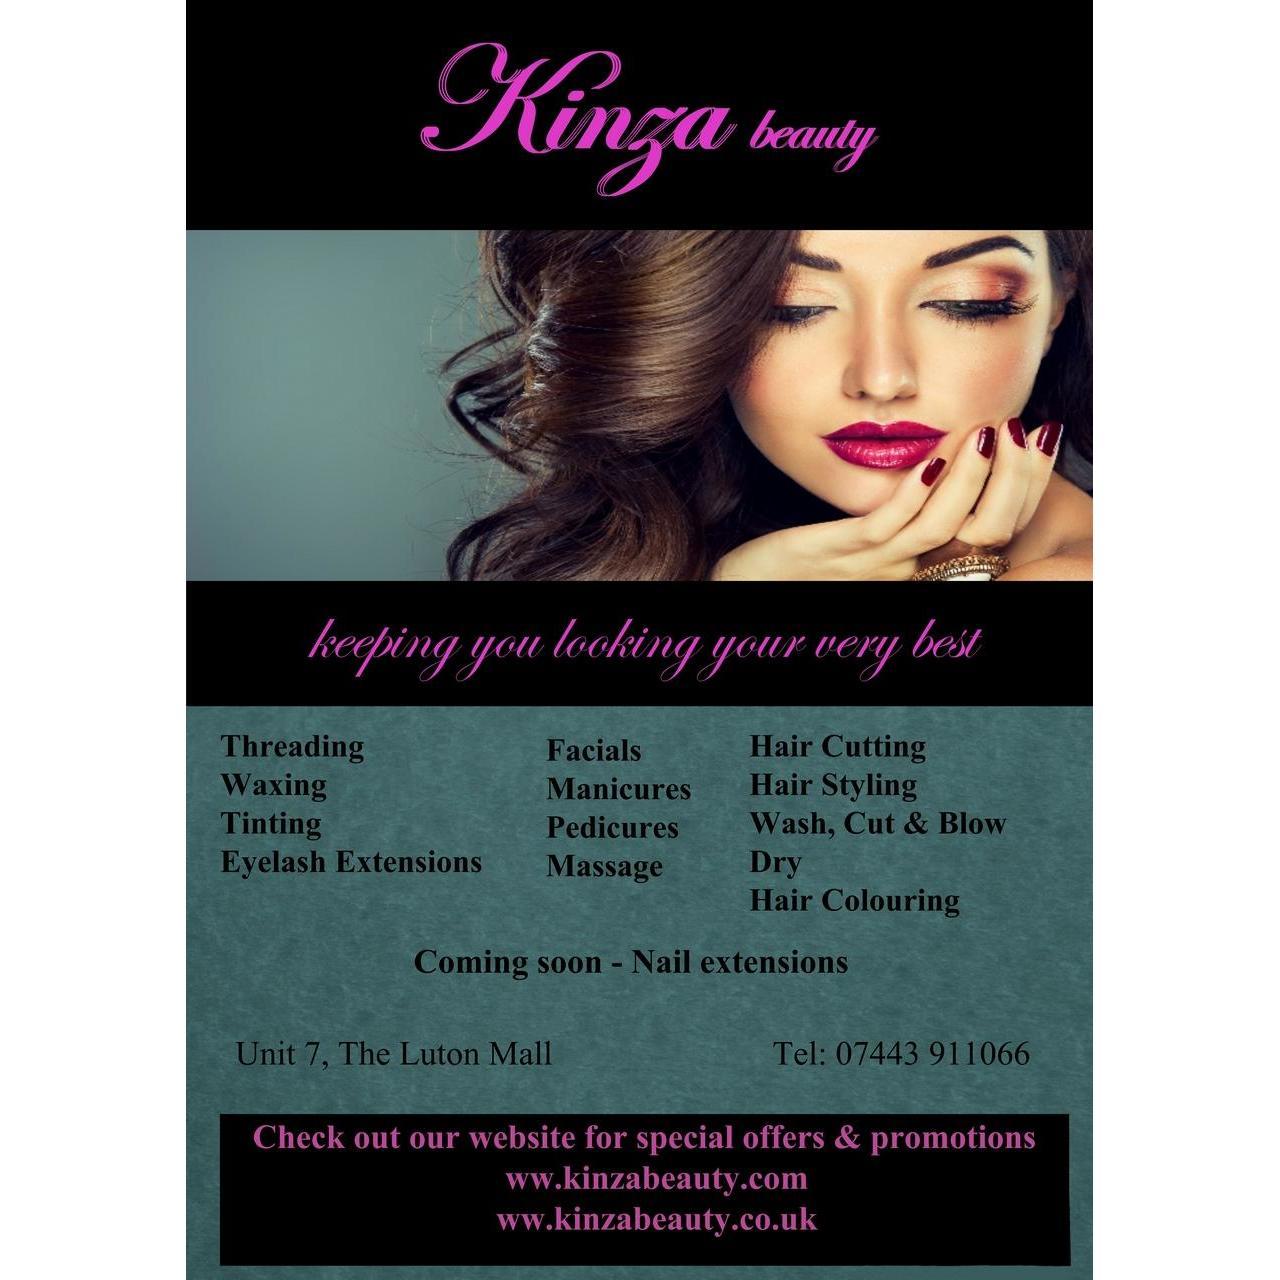 Kinza Beauty